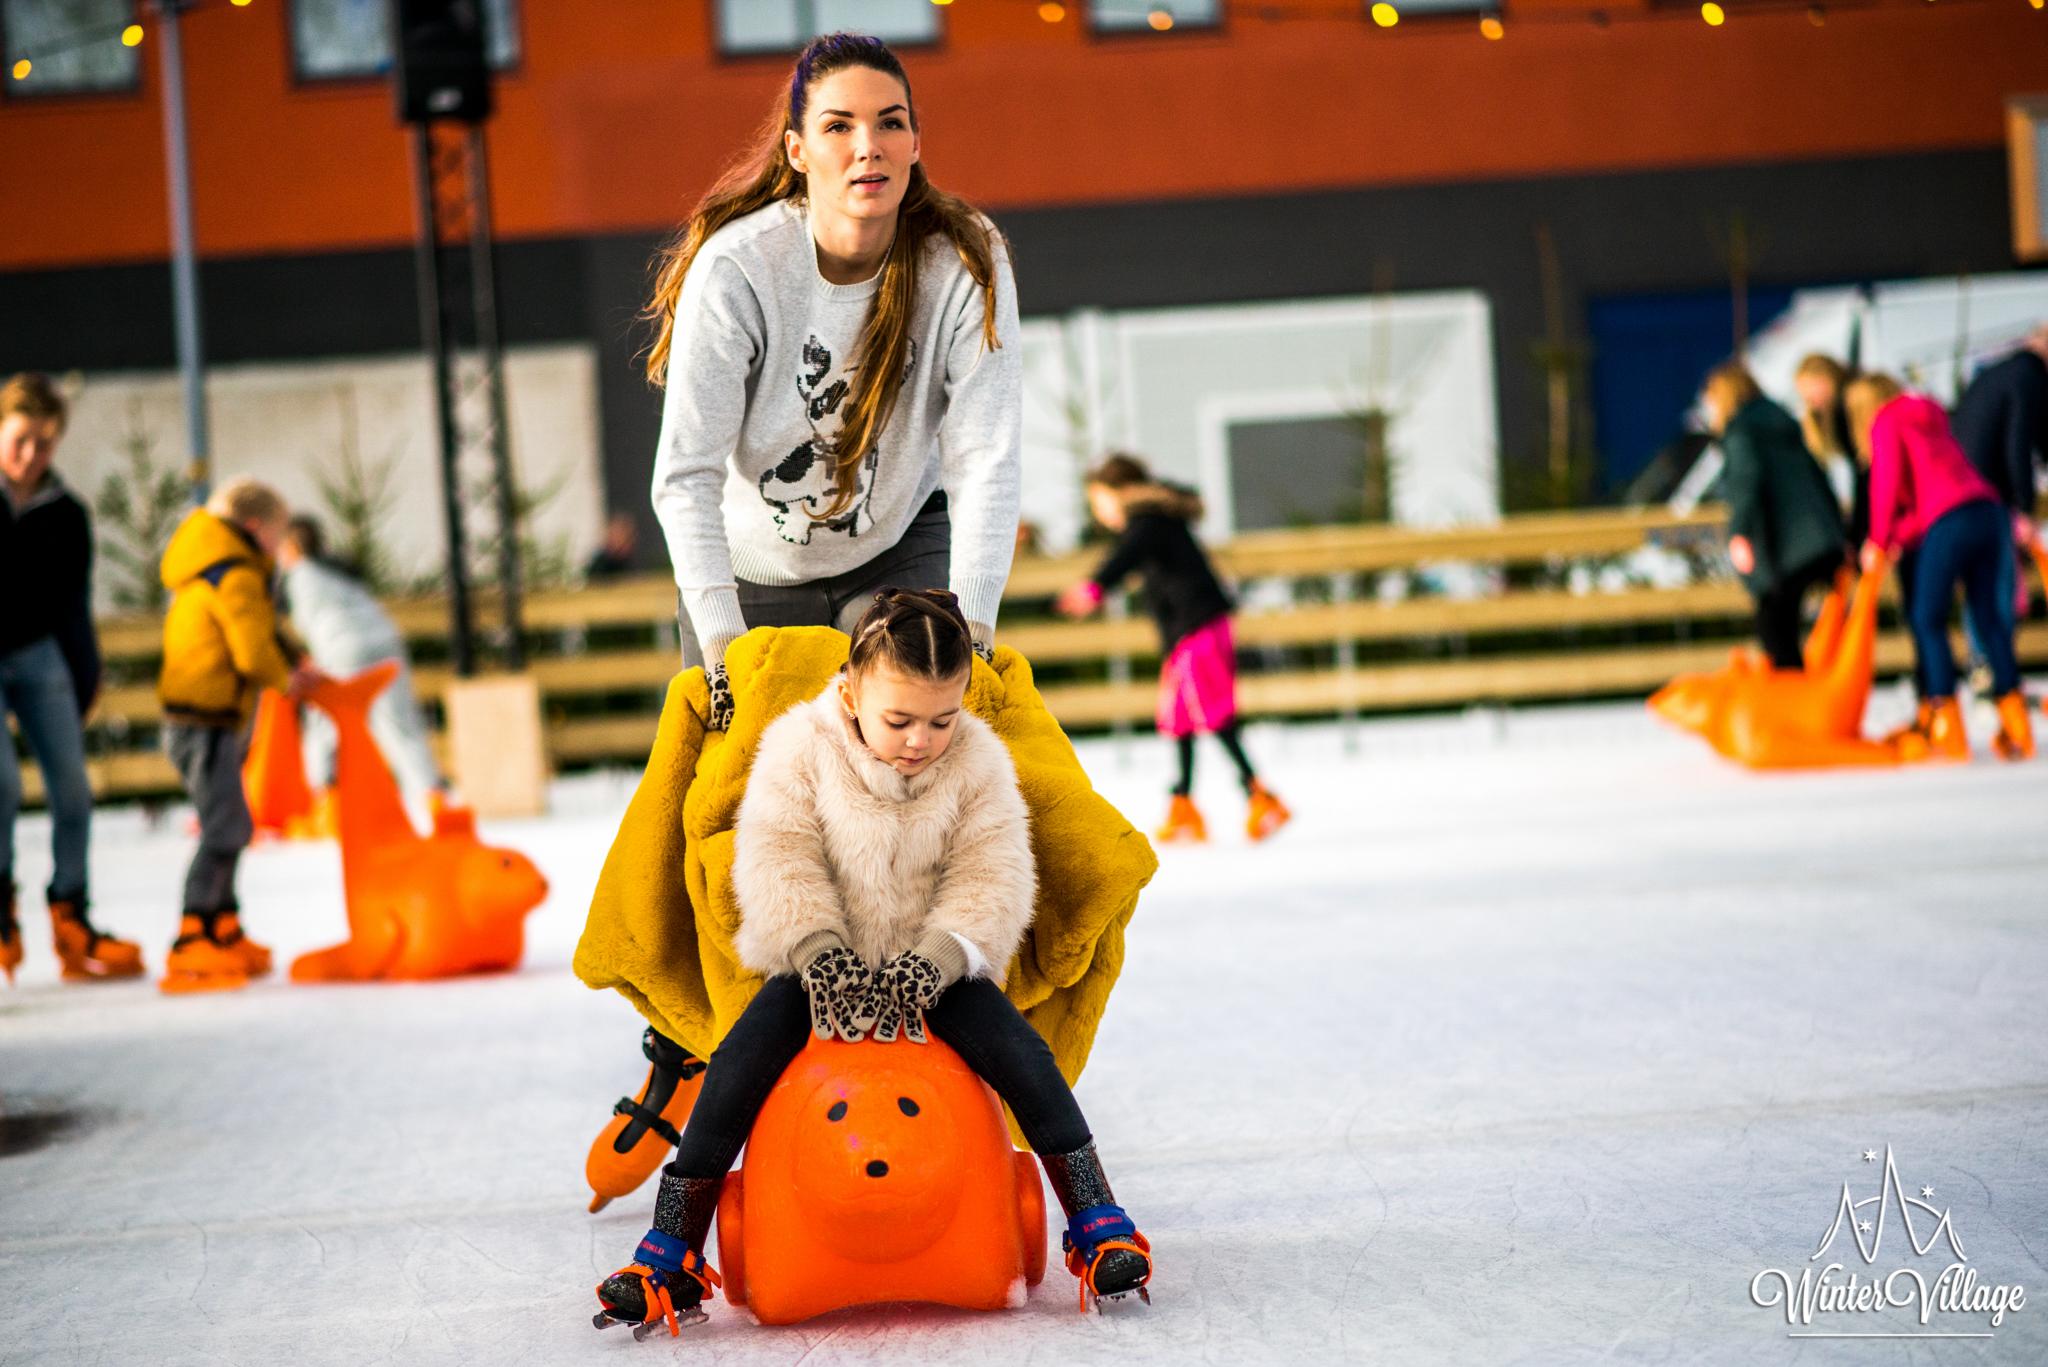 Winter Village Hoofddorp schaatsers